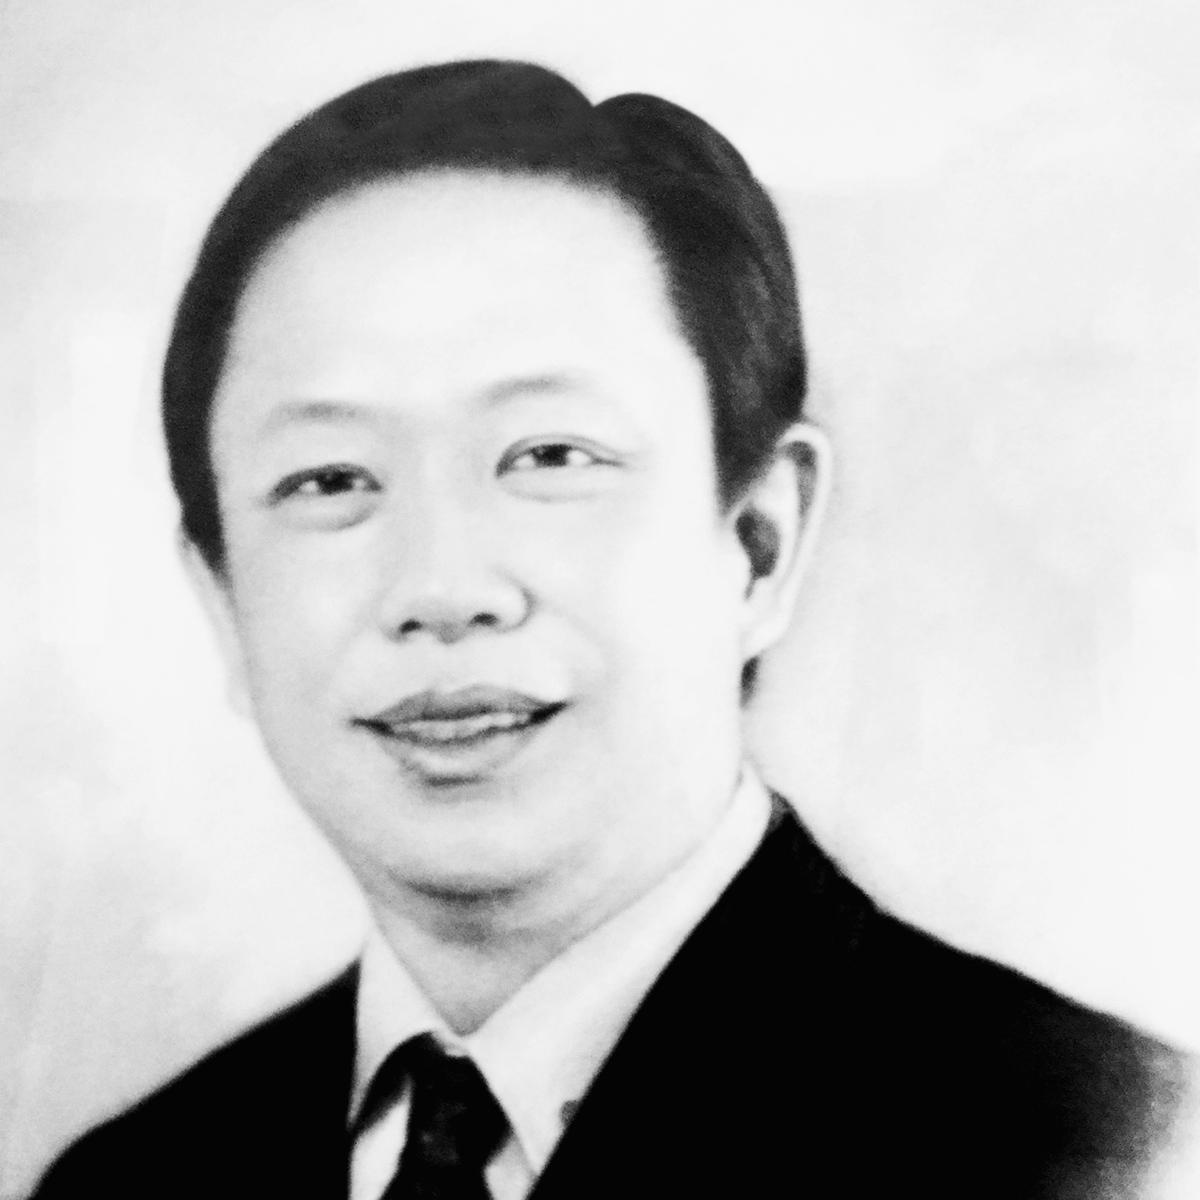 Samuel L. Chioson